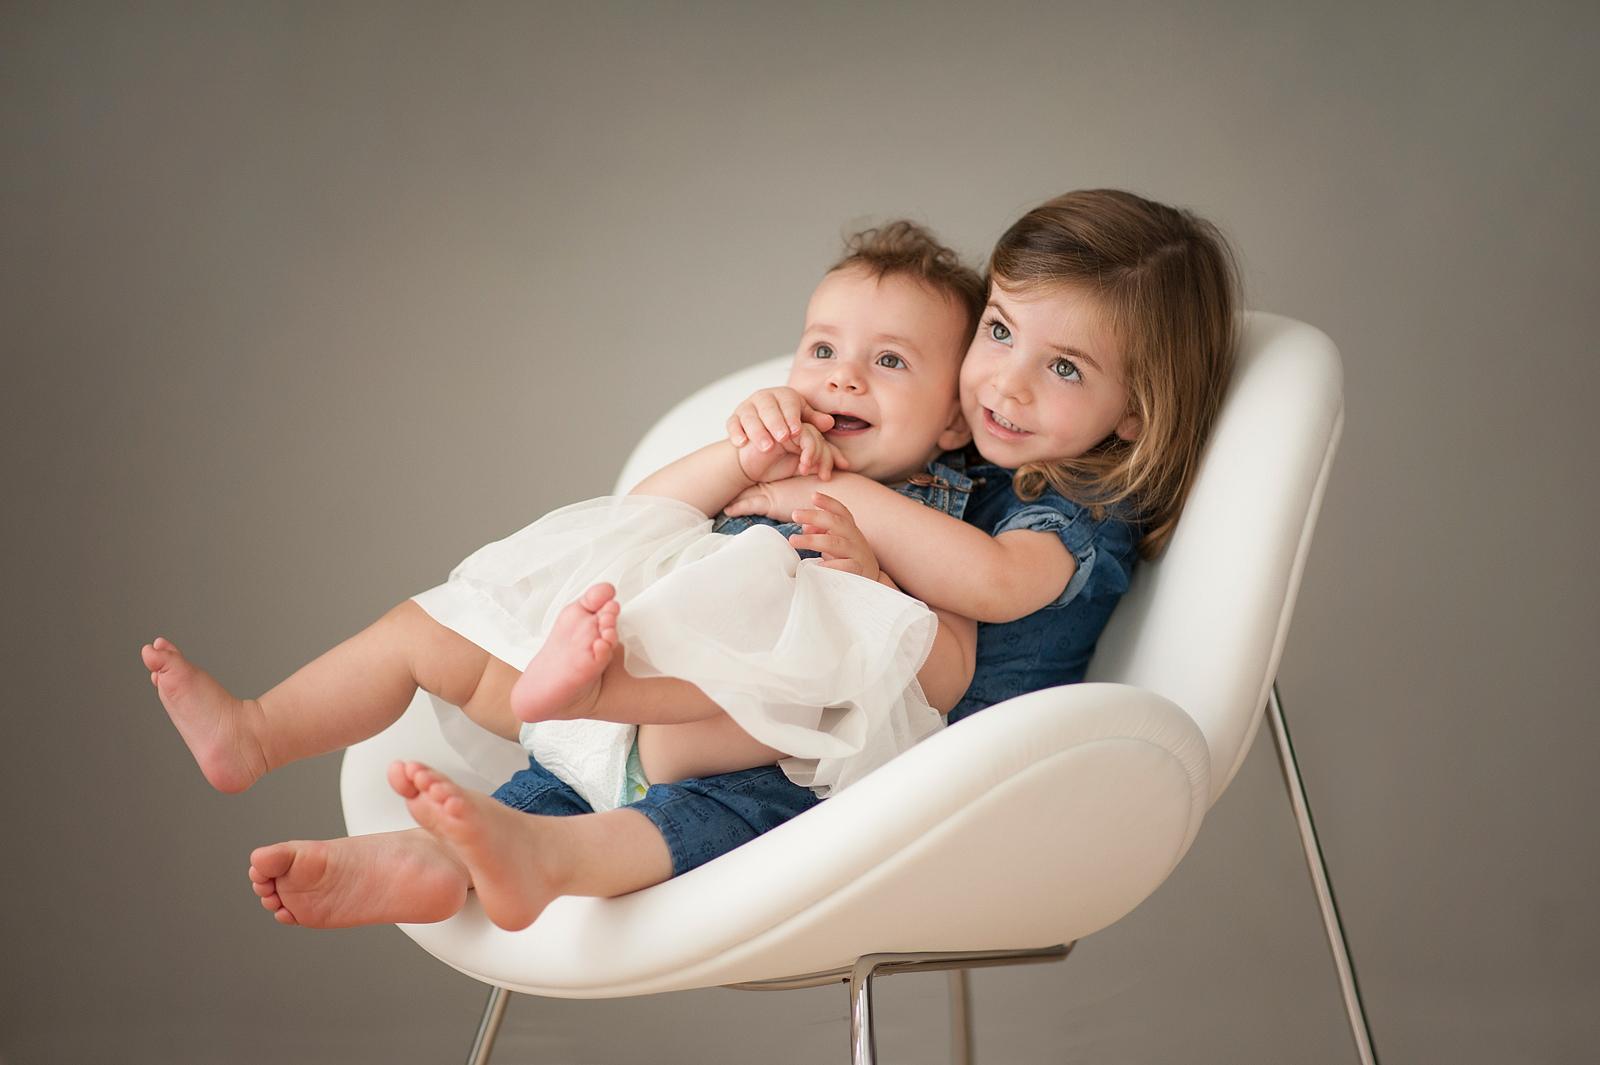 25-cute-baby-sisters-in-chair.jpg